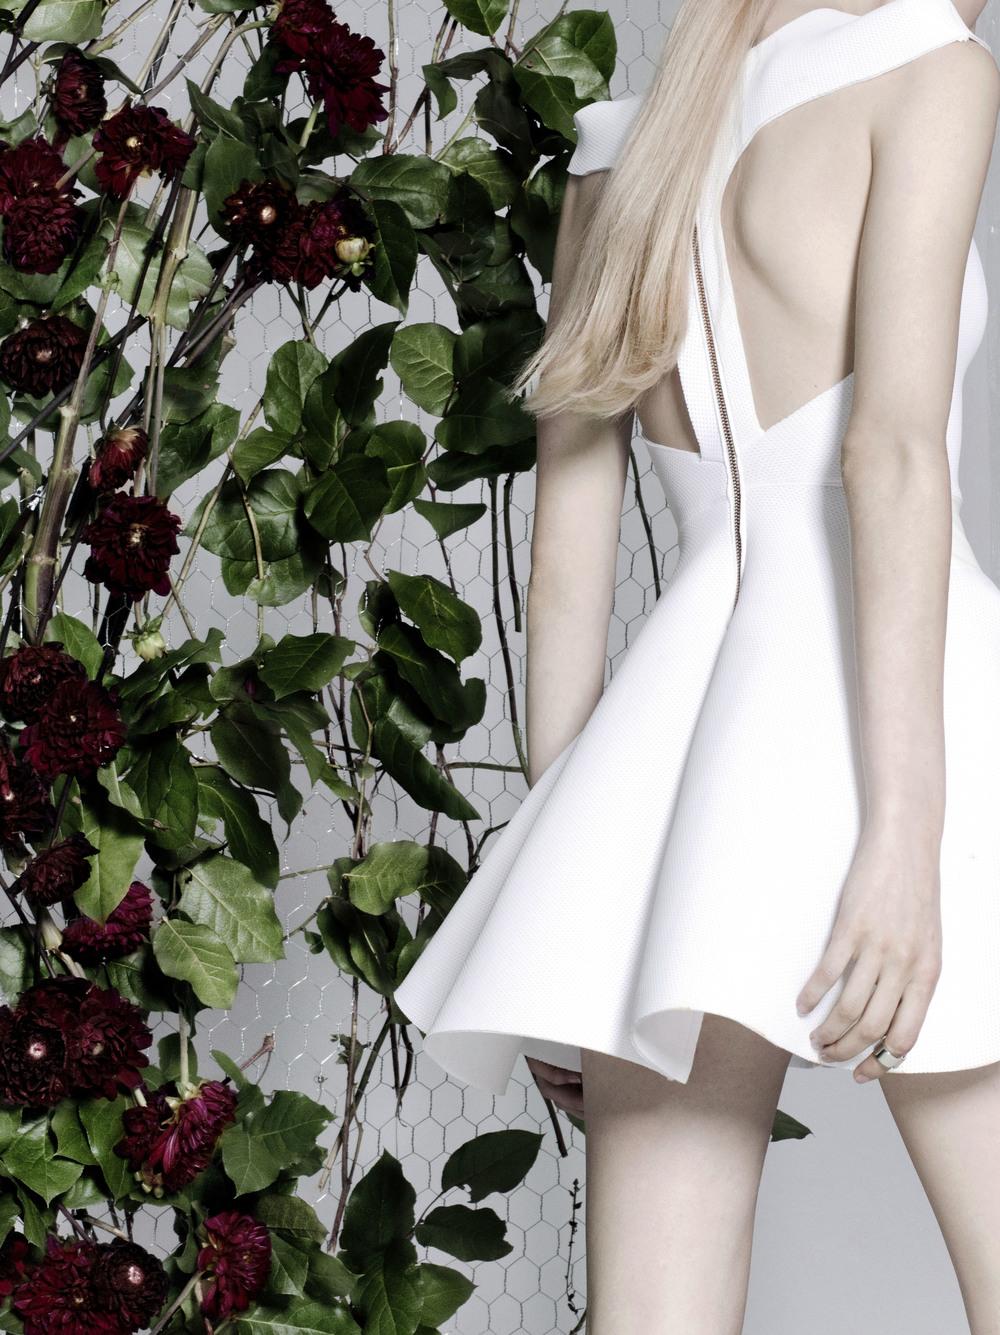 Photographer: Stefani Pappas       Model: Lauren@fusion        Production: Gabrille Seo        Stylist: Desmond Zheng           Hair & Make up: Miguel Bautista     Floral Design: Marcela Bonacio       Set Design: Luc Trentesaux